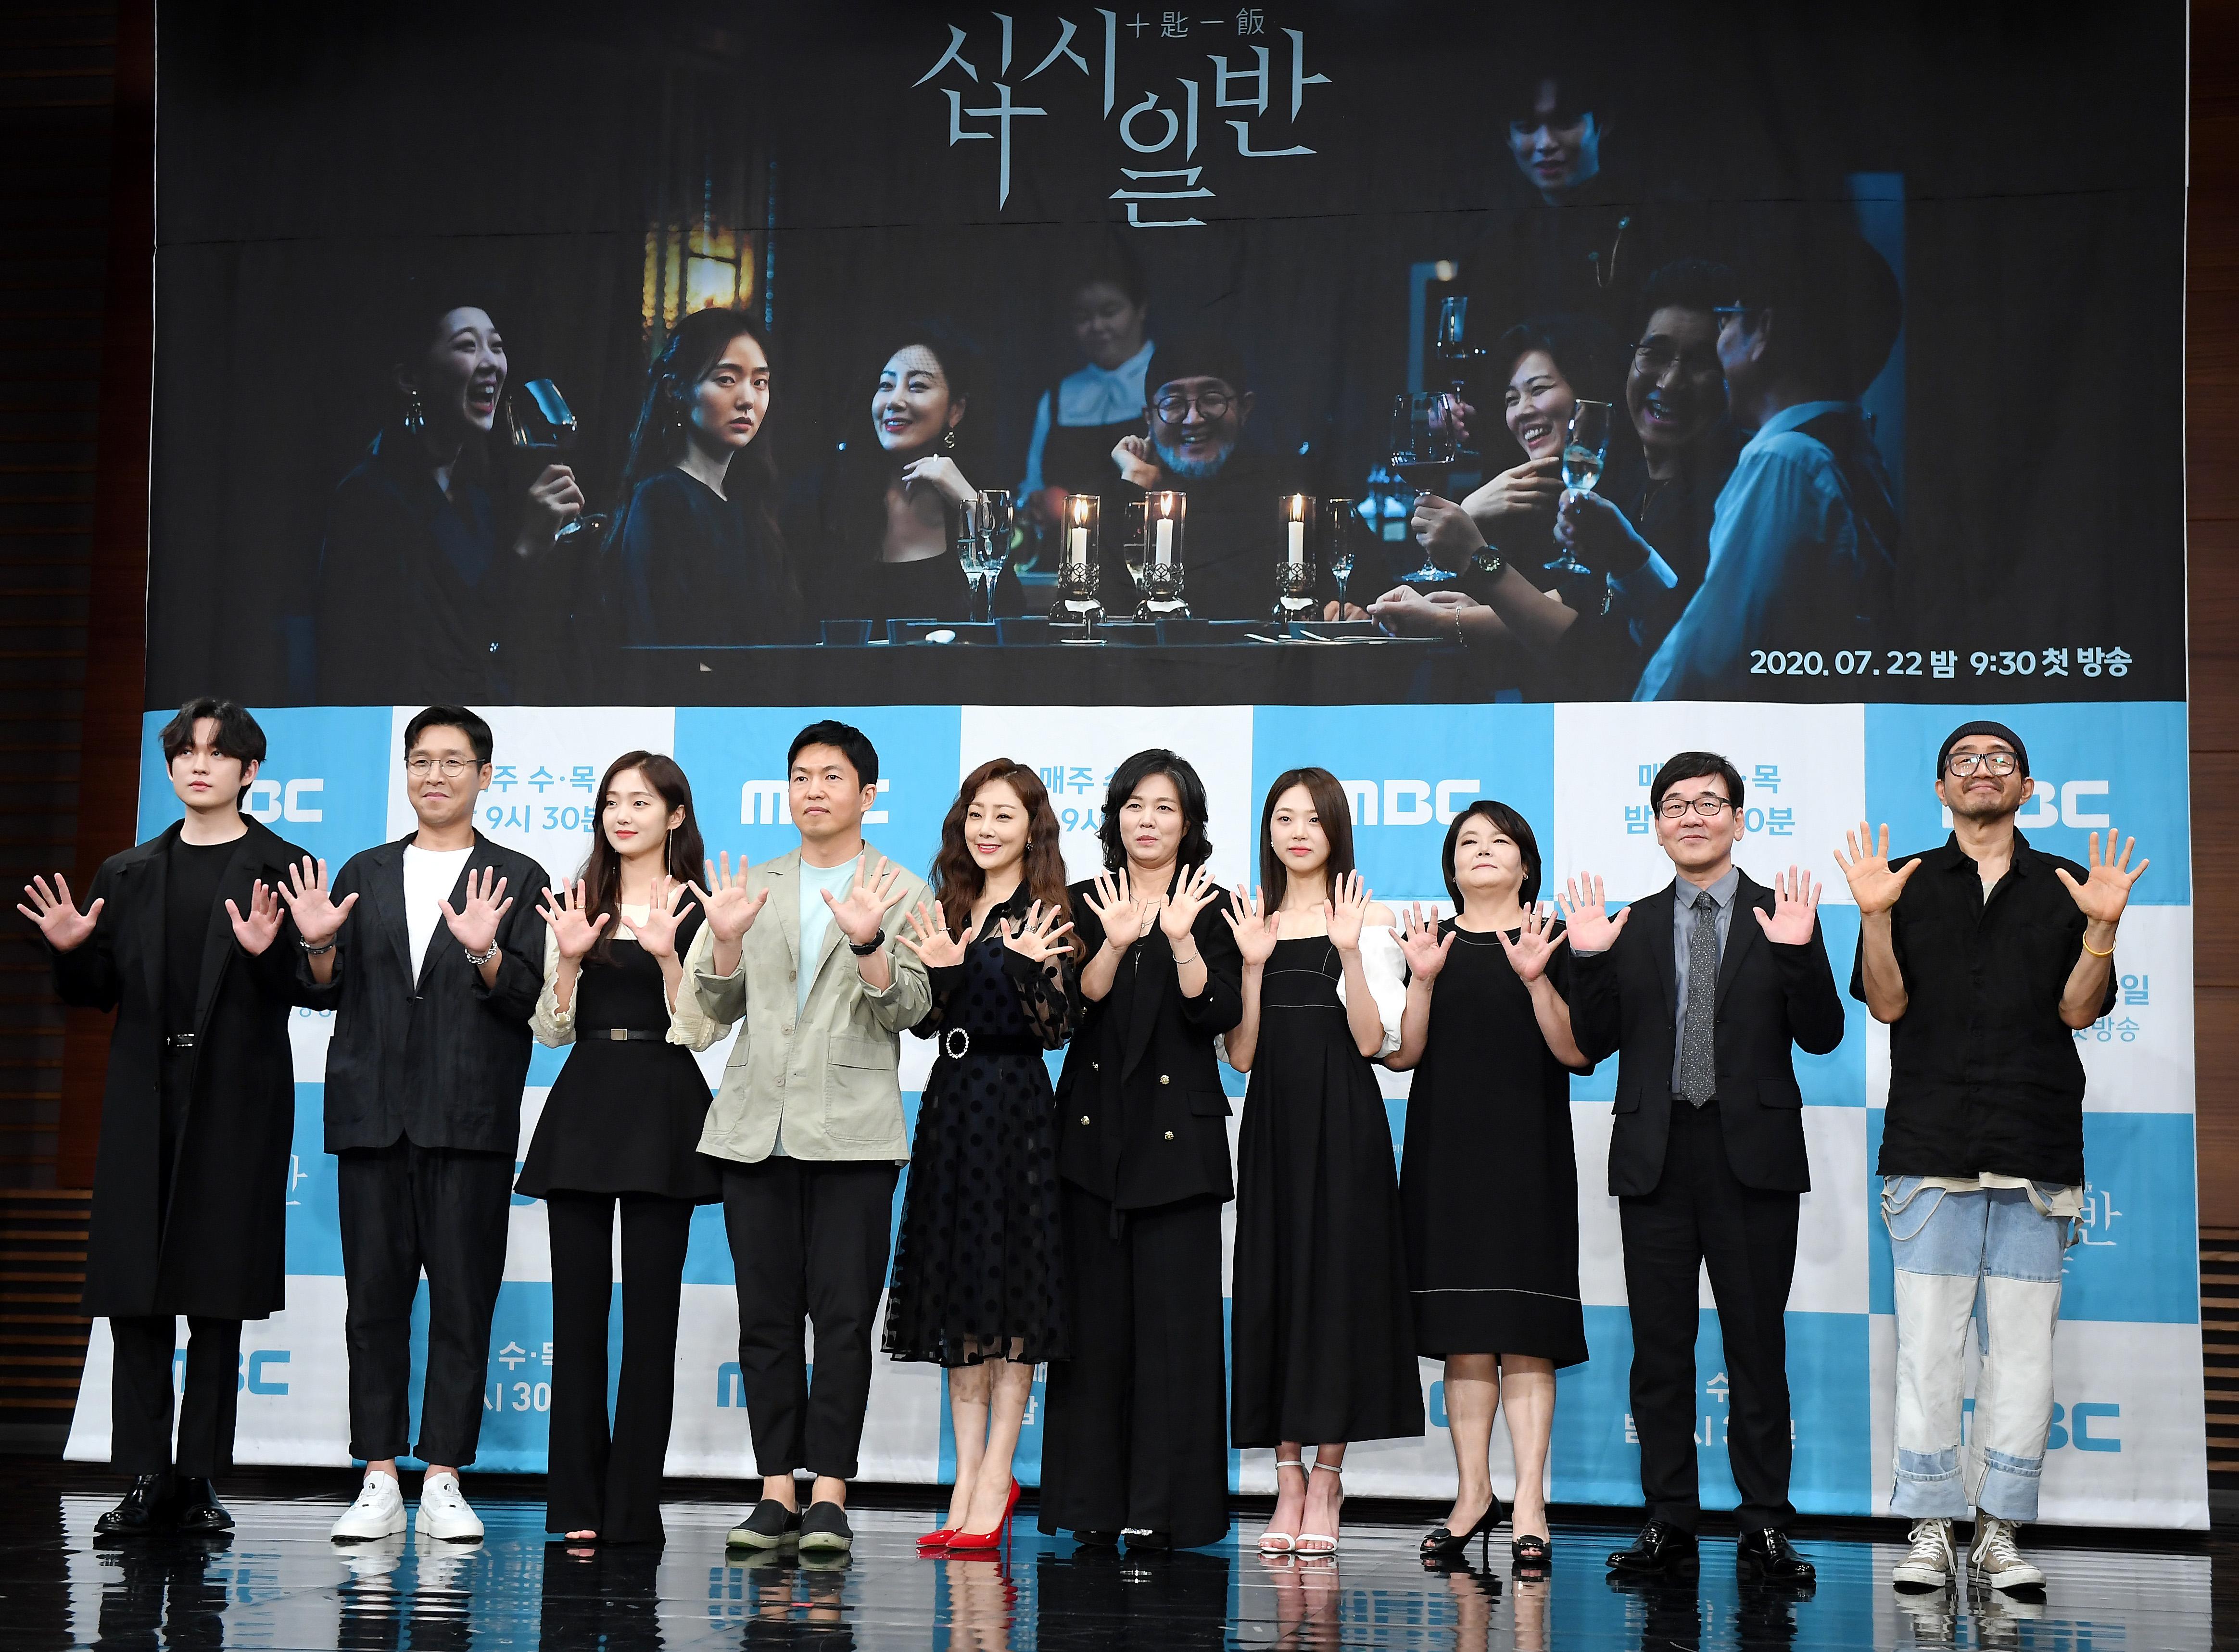 김혜준X오나라 '십시일반', 탐욕의 두뇌싸움...韓'나이브스 아웃' 될까(종합)